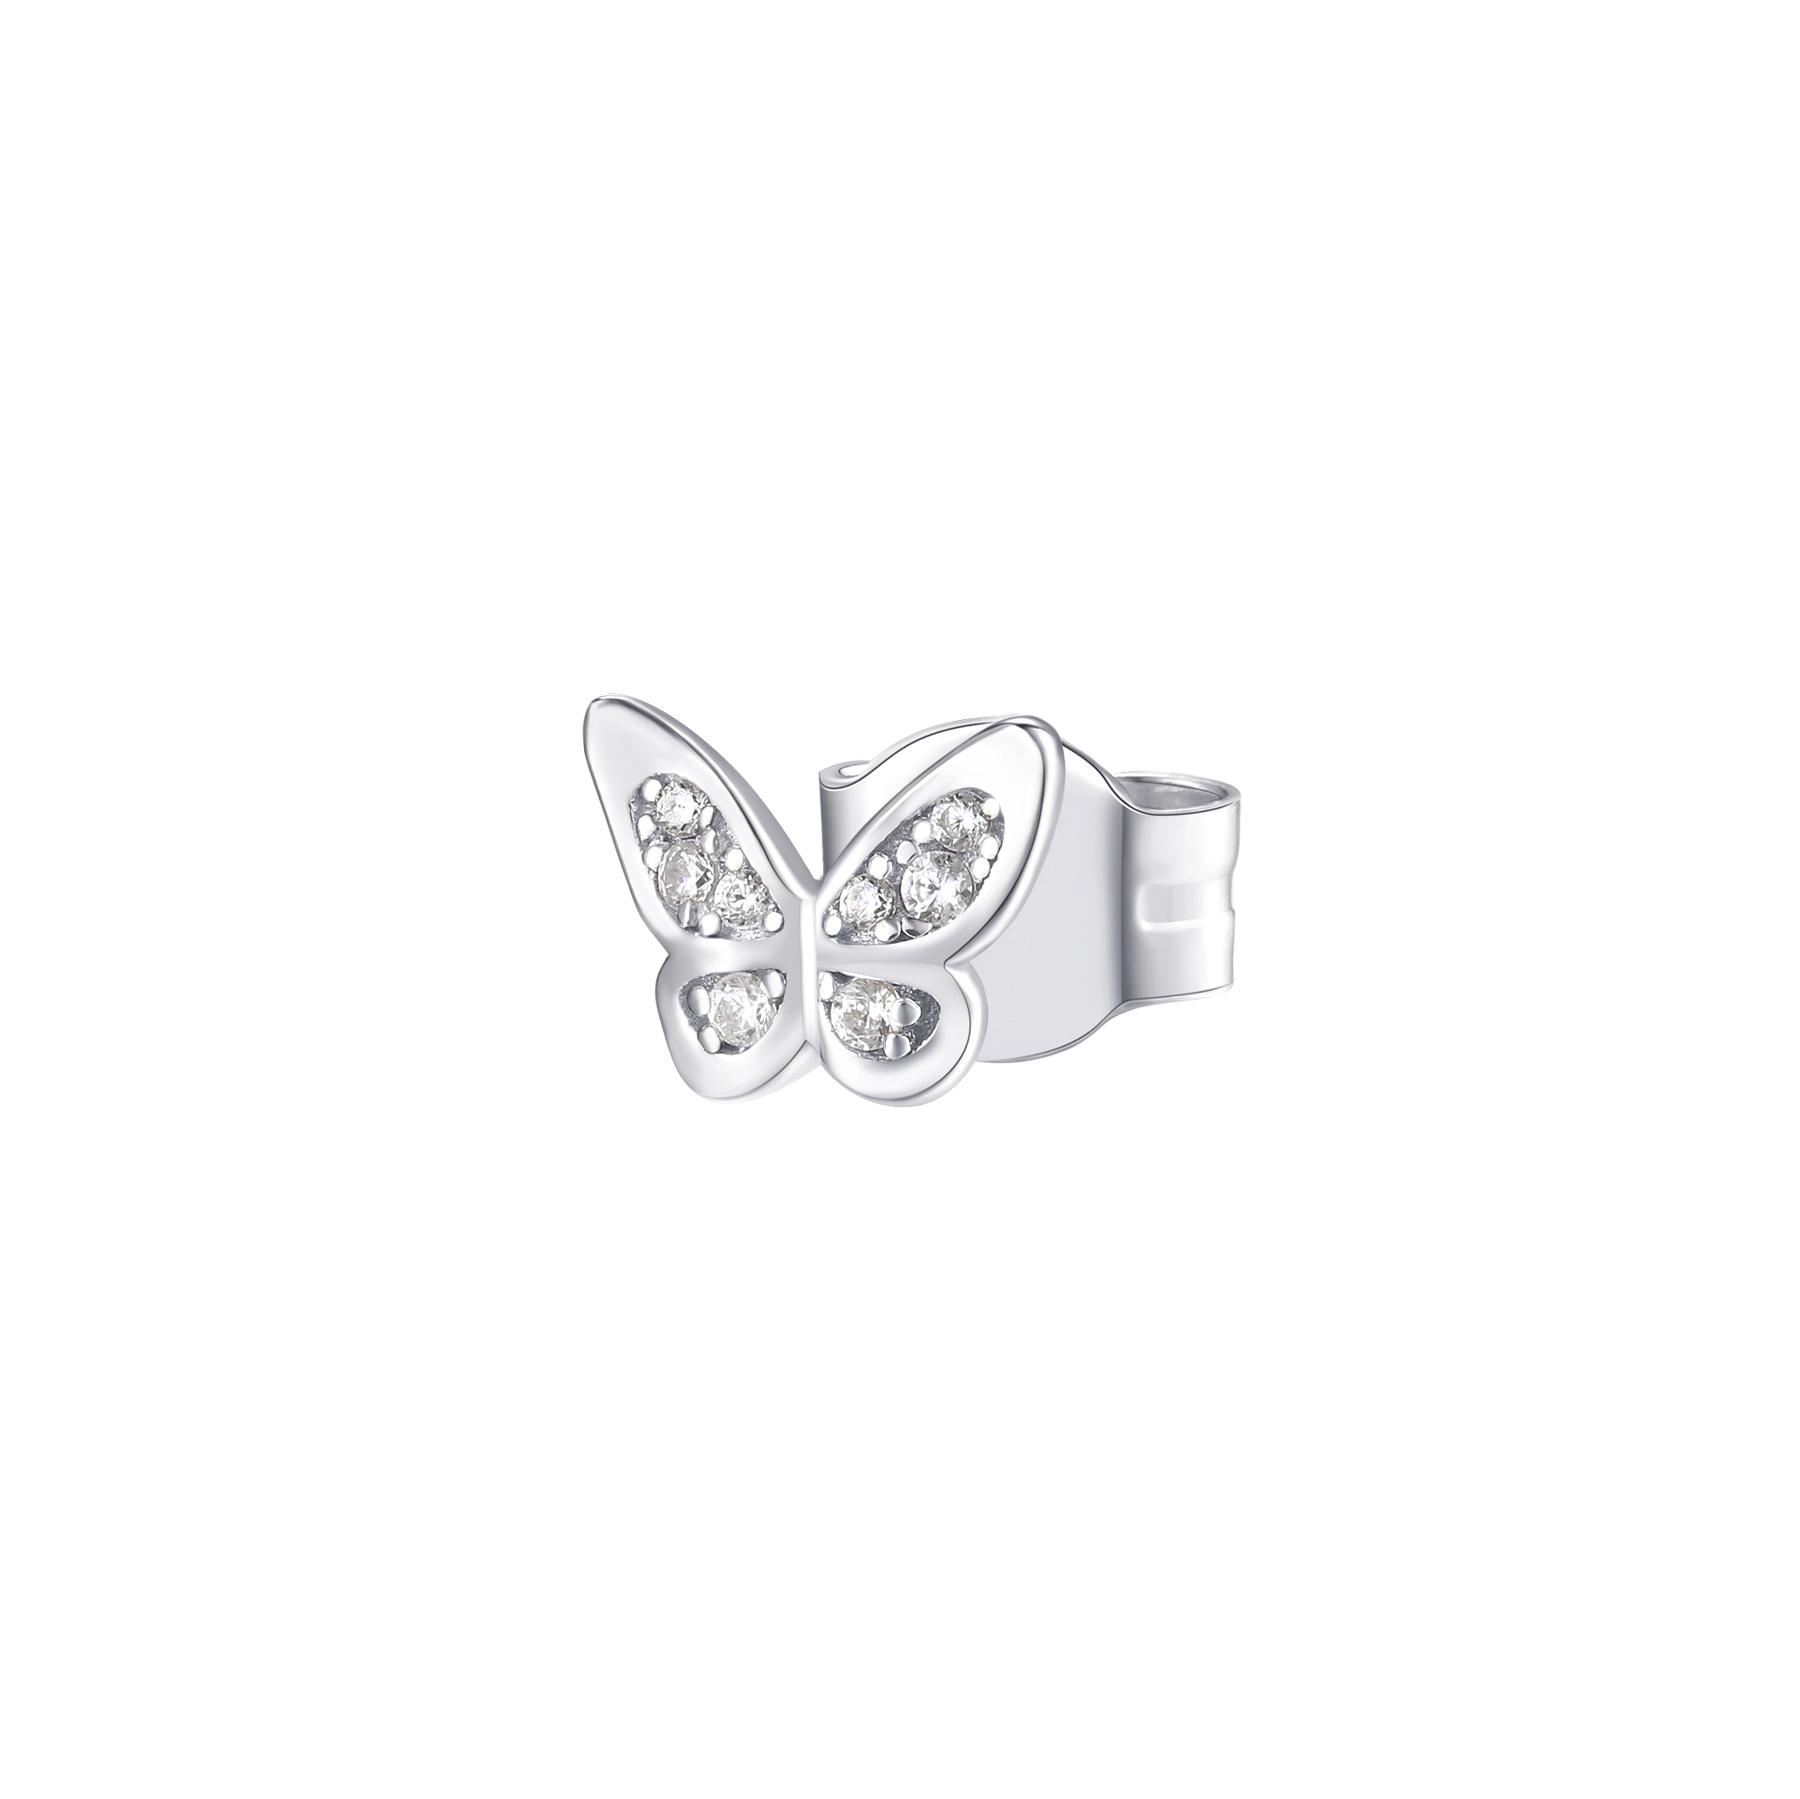 Orecchino mono a lobo Rosato in argento 925 Farfalla con zirconi RZO052R